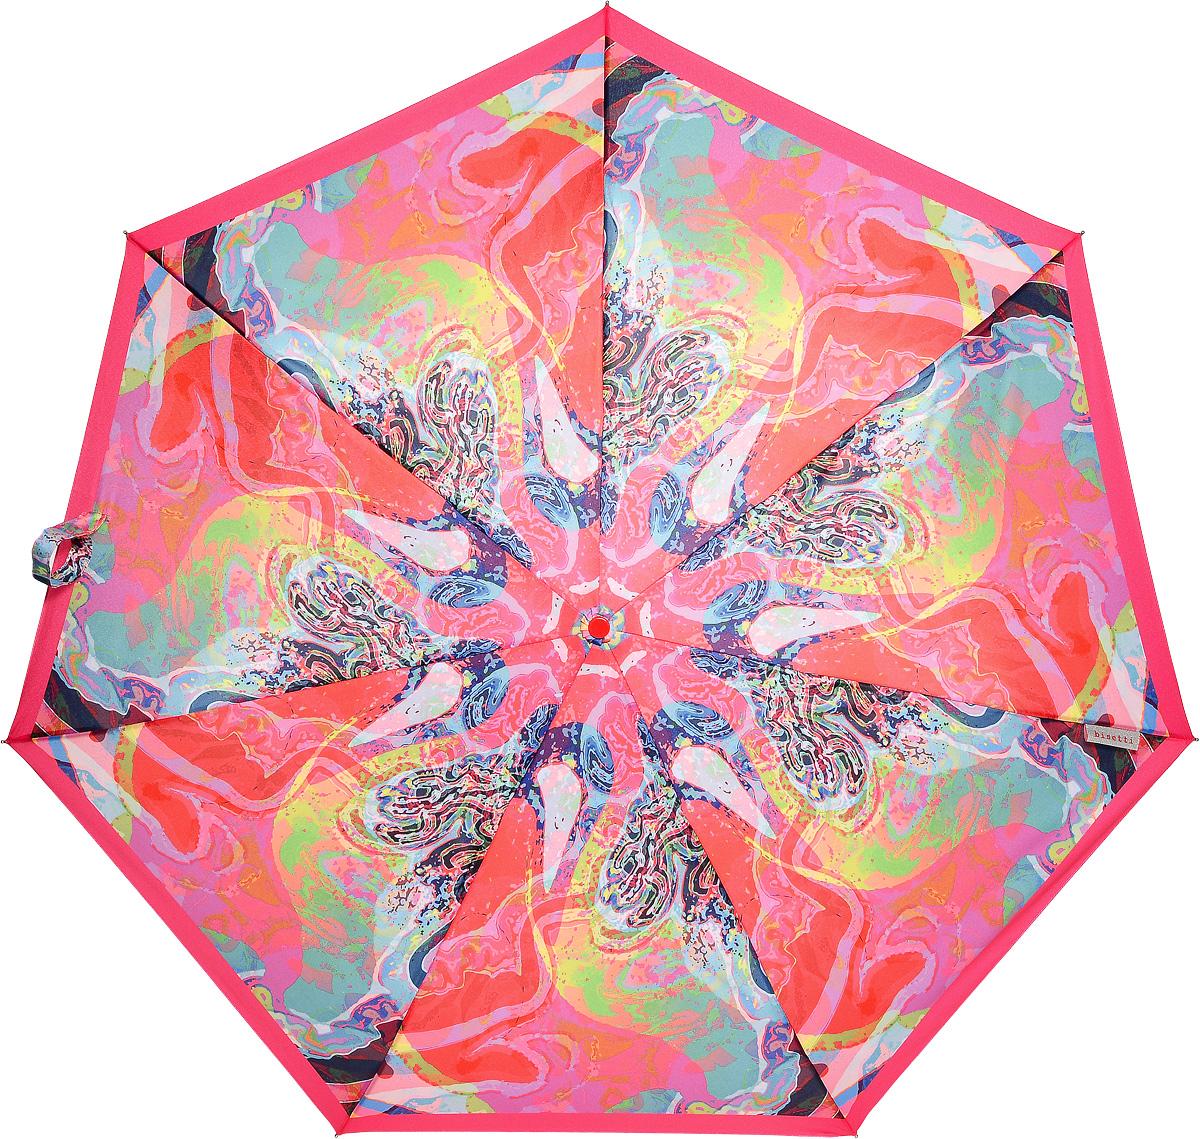 Bisetti 35153-1 Зонт полный автом. 3 сл. жен.35153-1Зонт испанского производителя Clima. В производстве зонтов используются современные материалы, что делает зонты легкими, но в то же время крепкими.Полный автомат, 3 сложения, 8 спиц по 54см, полиэстер.